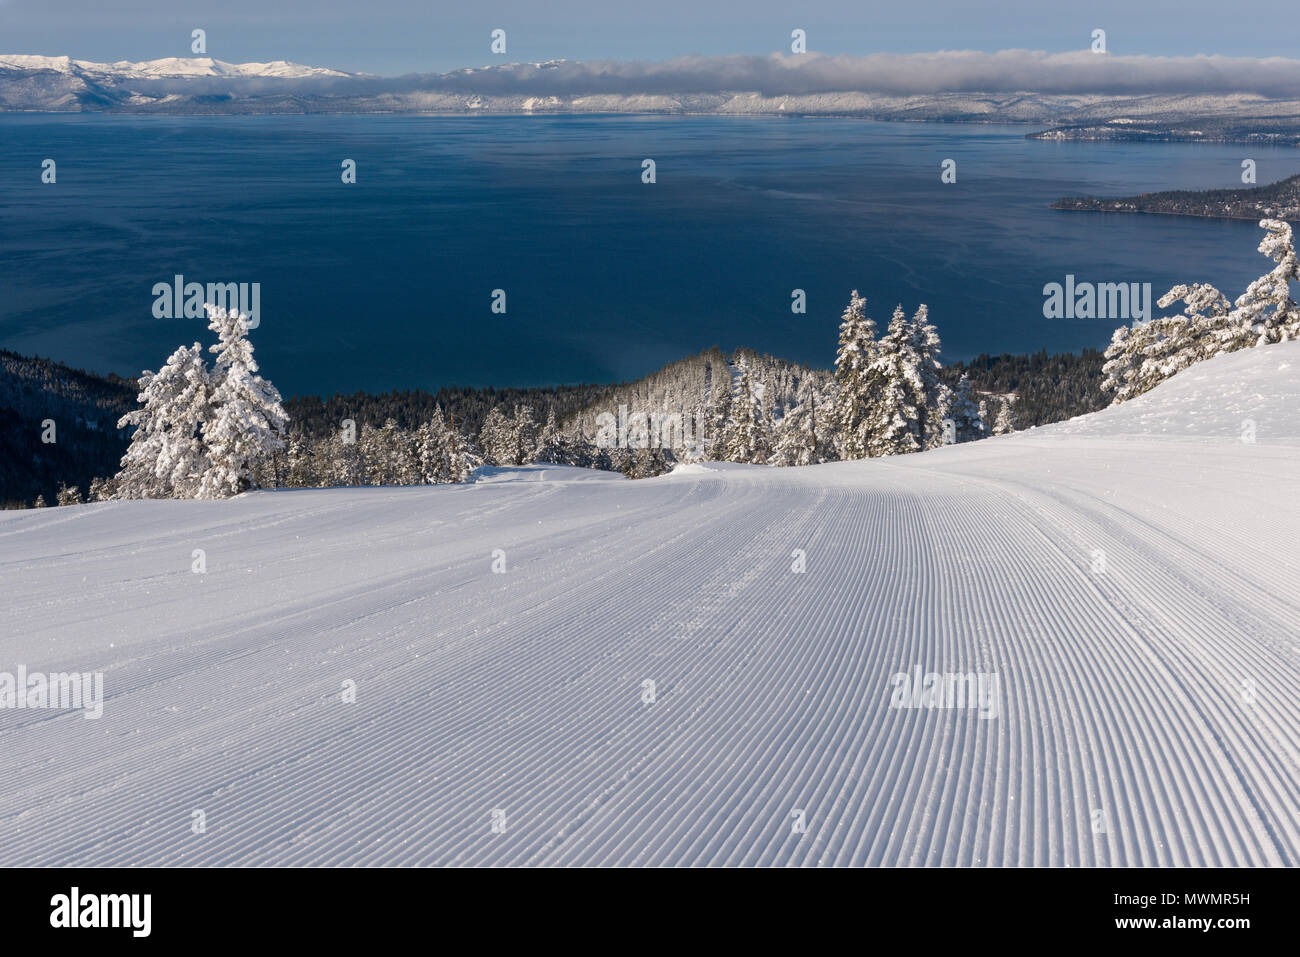 lake tahoe as viewed from diamond peak ski resort in incline village